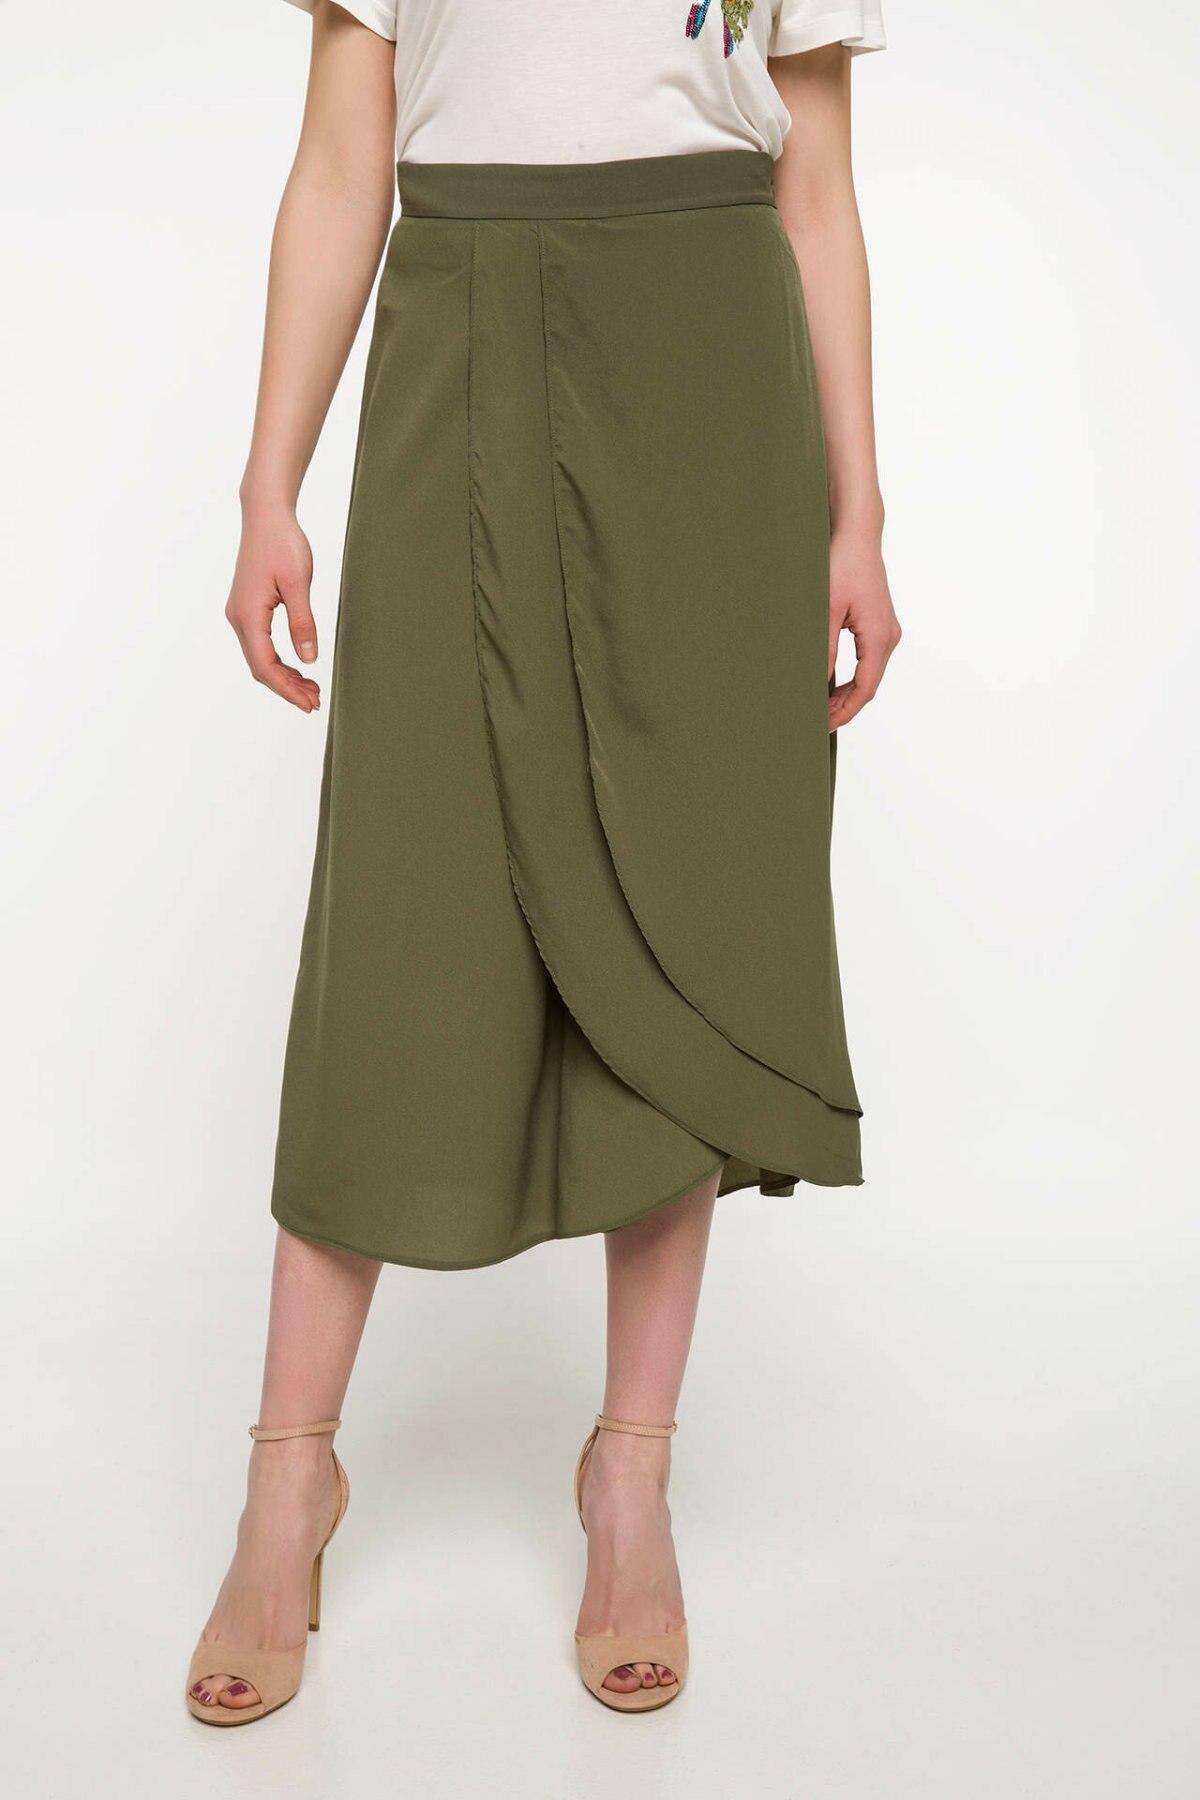 DeFacto Ladies Casual Trousers Female Fashion Comfort Wide-leg Pants Pure Color Crop Pant Loose Simple New - J1124AZ18SP